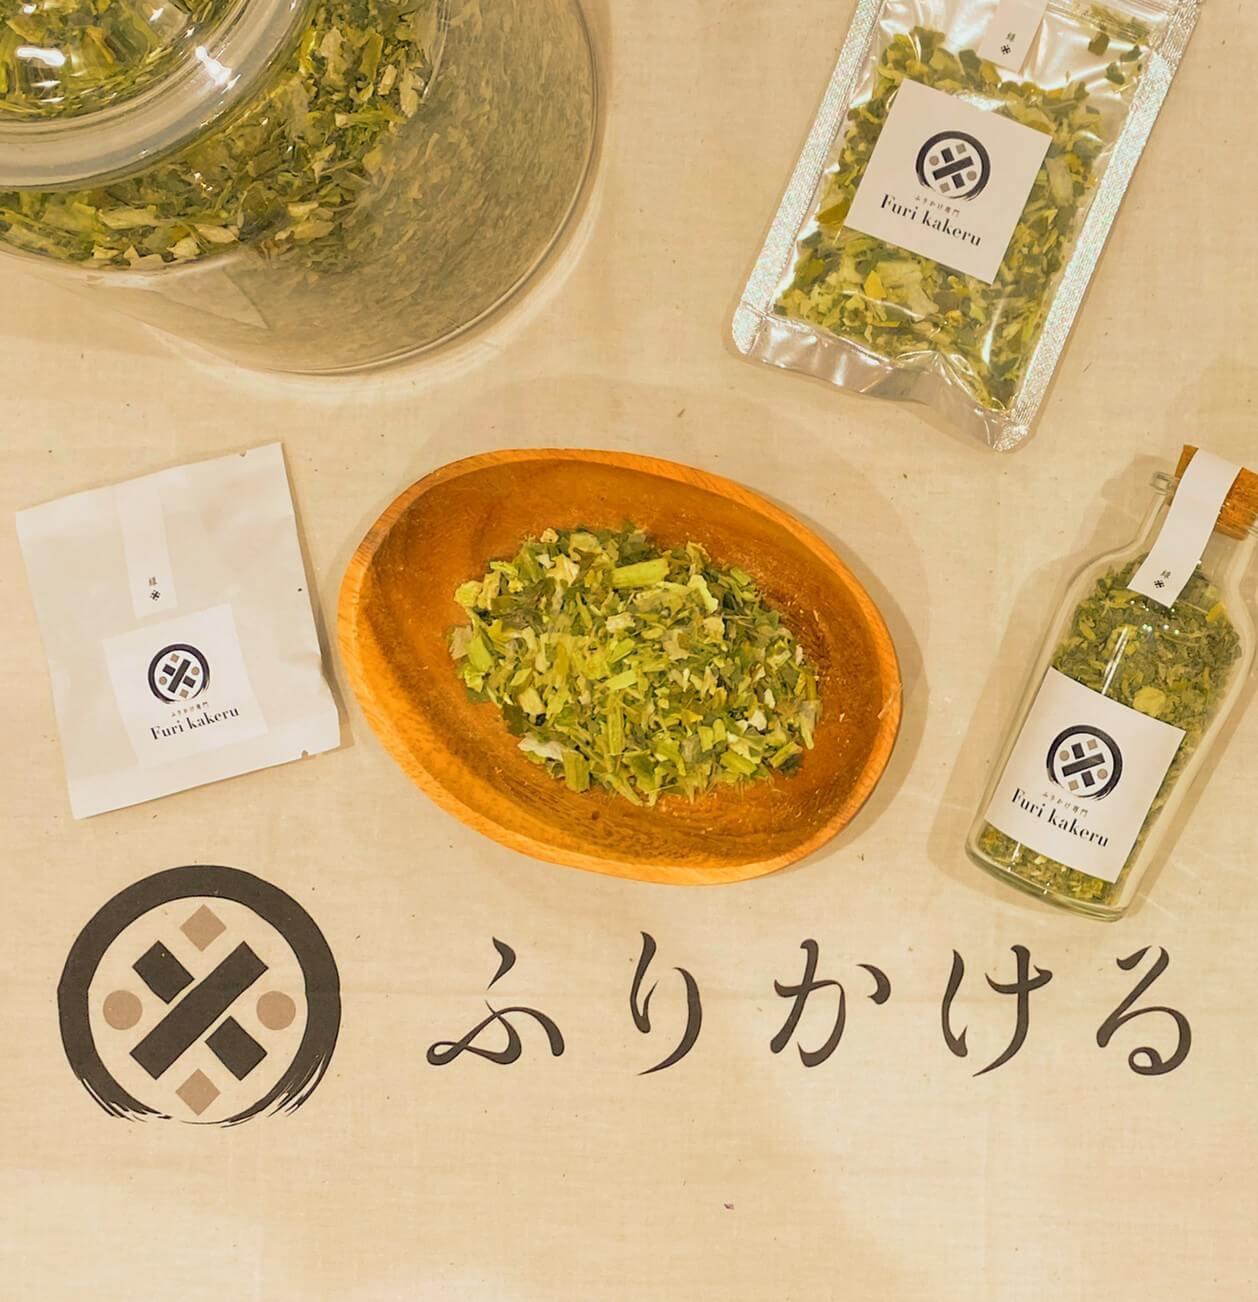 逸品グルメでは日本のサスティナブルフード「ふりかけ」をブランド化しました